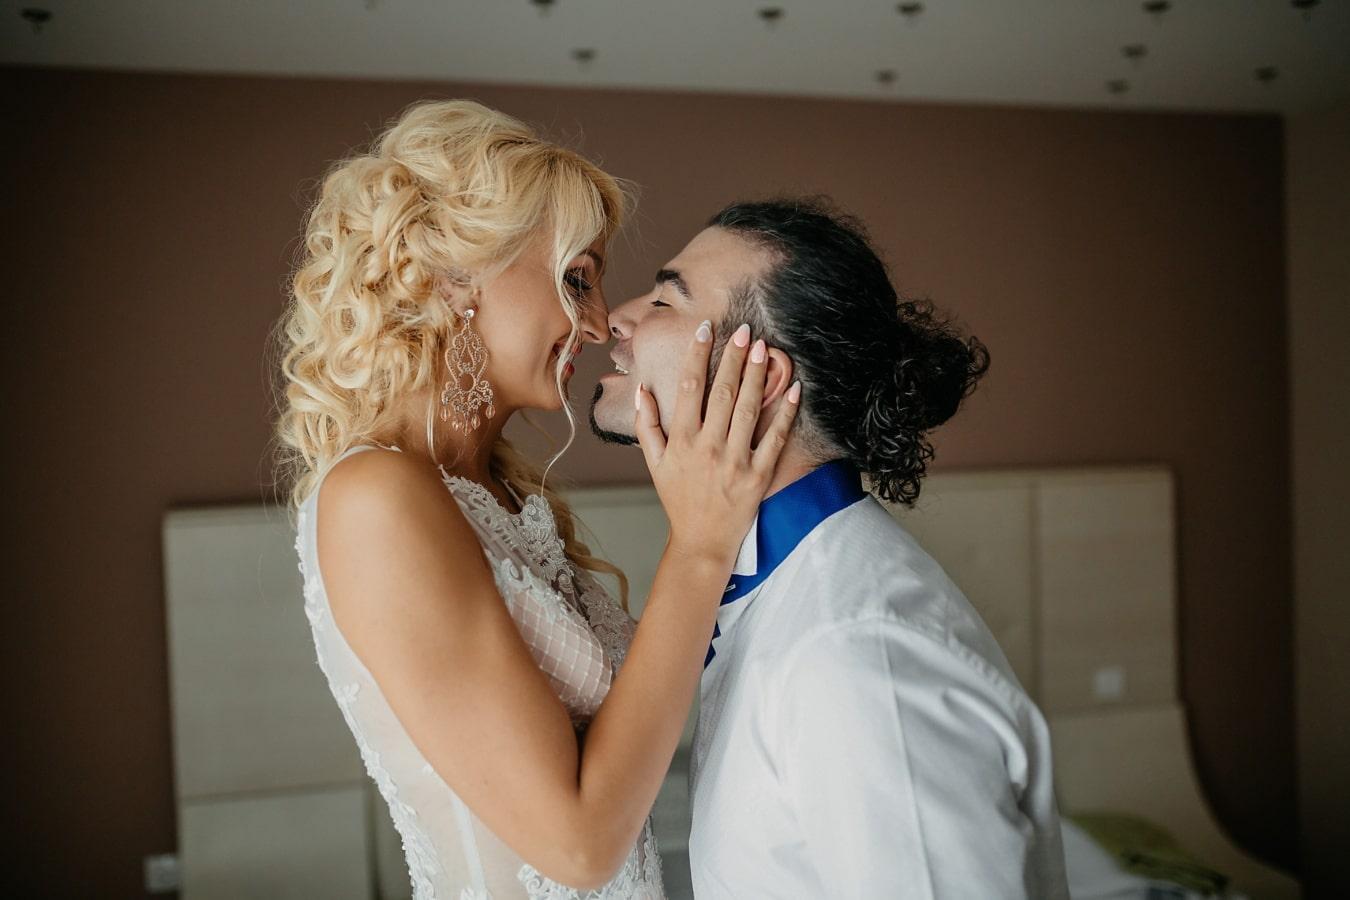 поцелуй, спальня, блондинка, Борода, человек, красивый, женщина, любовь, помещении, романтика